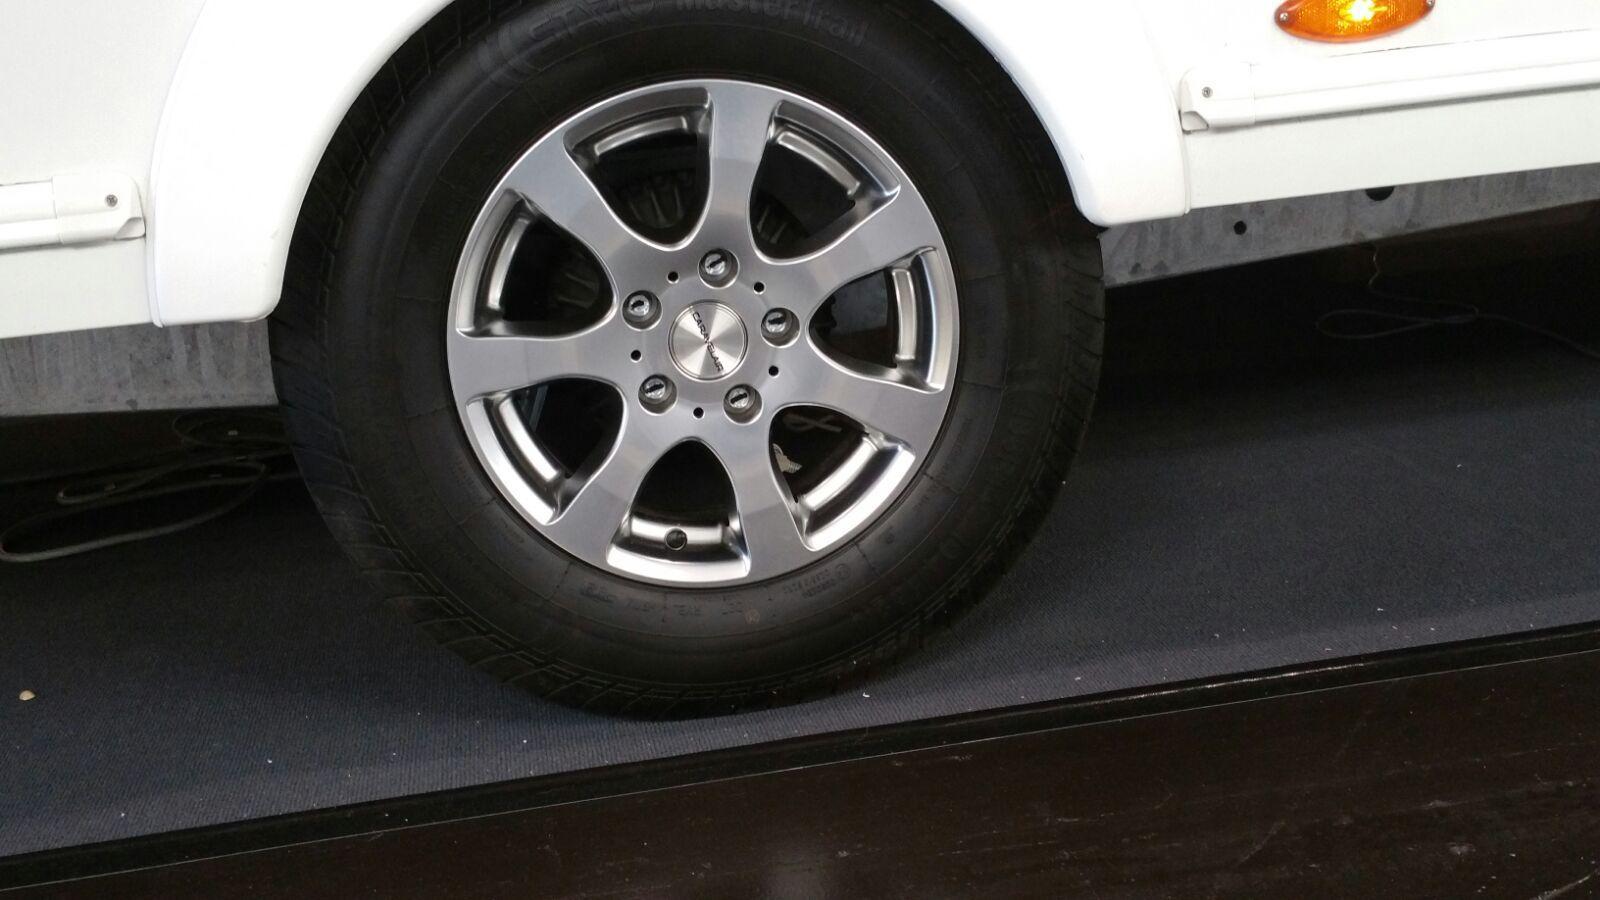 6jx14 alufelgen wohnwagen caravan b rstner aluminiumfelgen. Black Bedroom Furniture Sets. Home Design Ideas